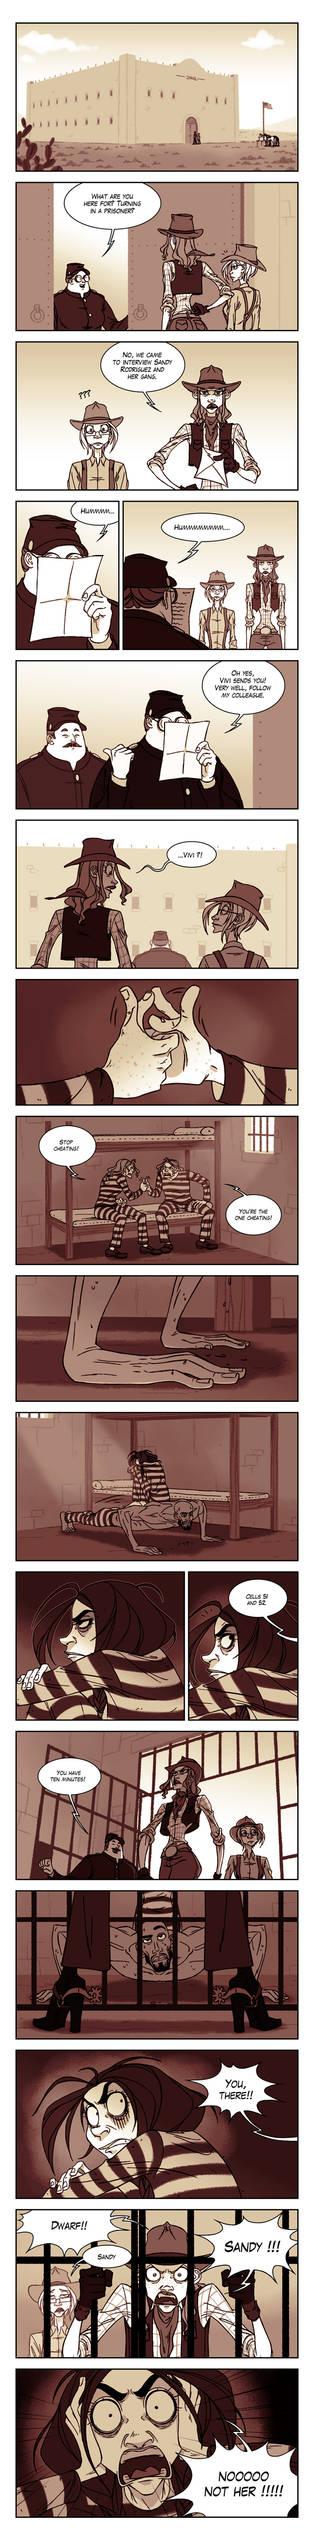 Jo strip 51